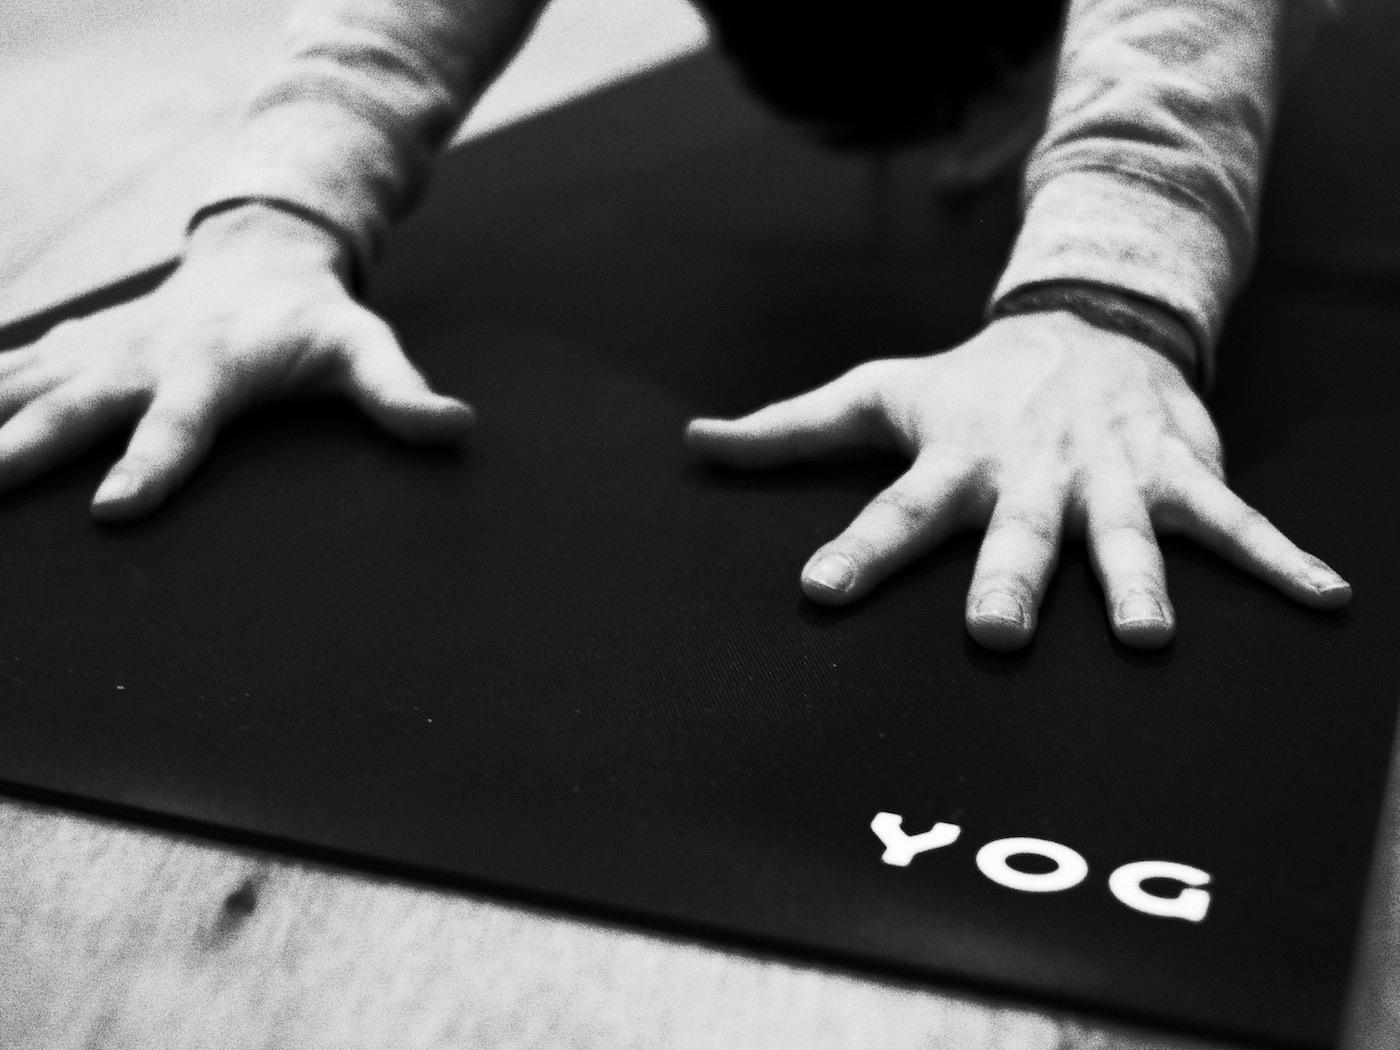 yog_yogmat